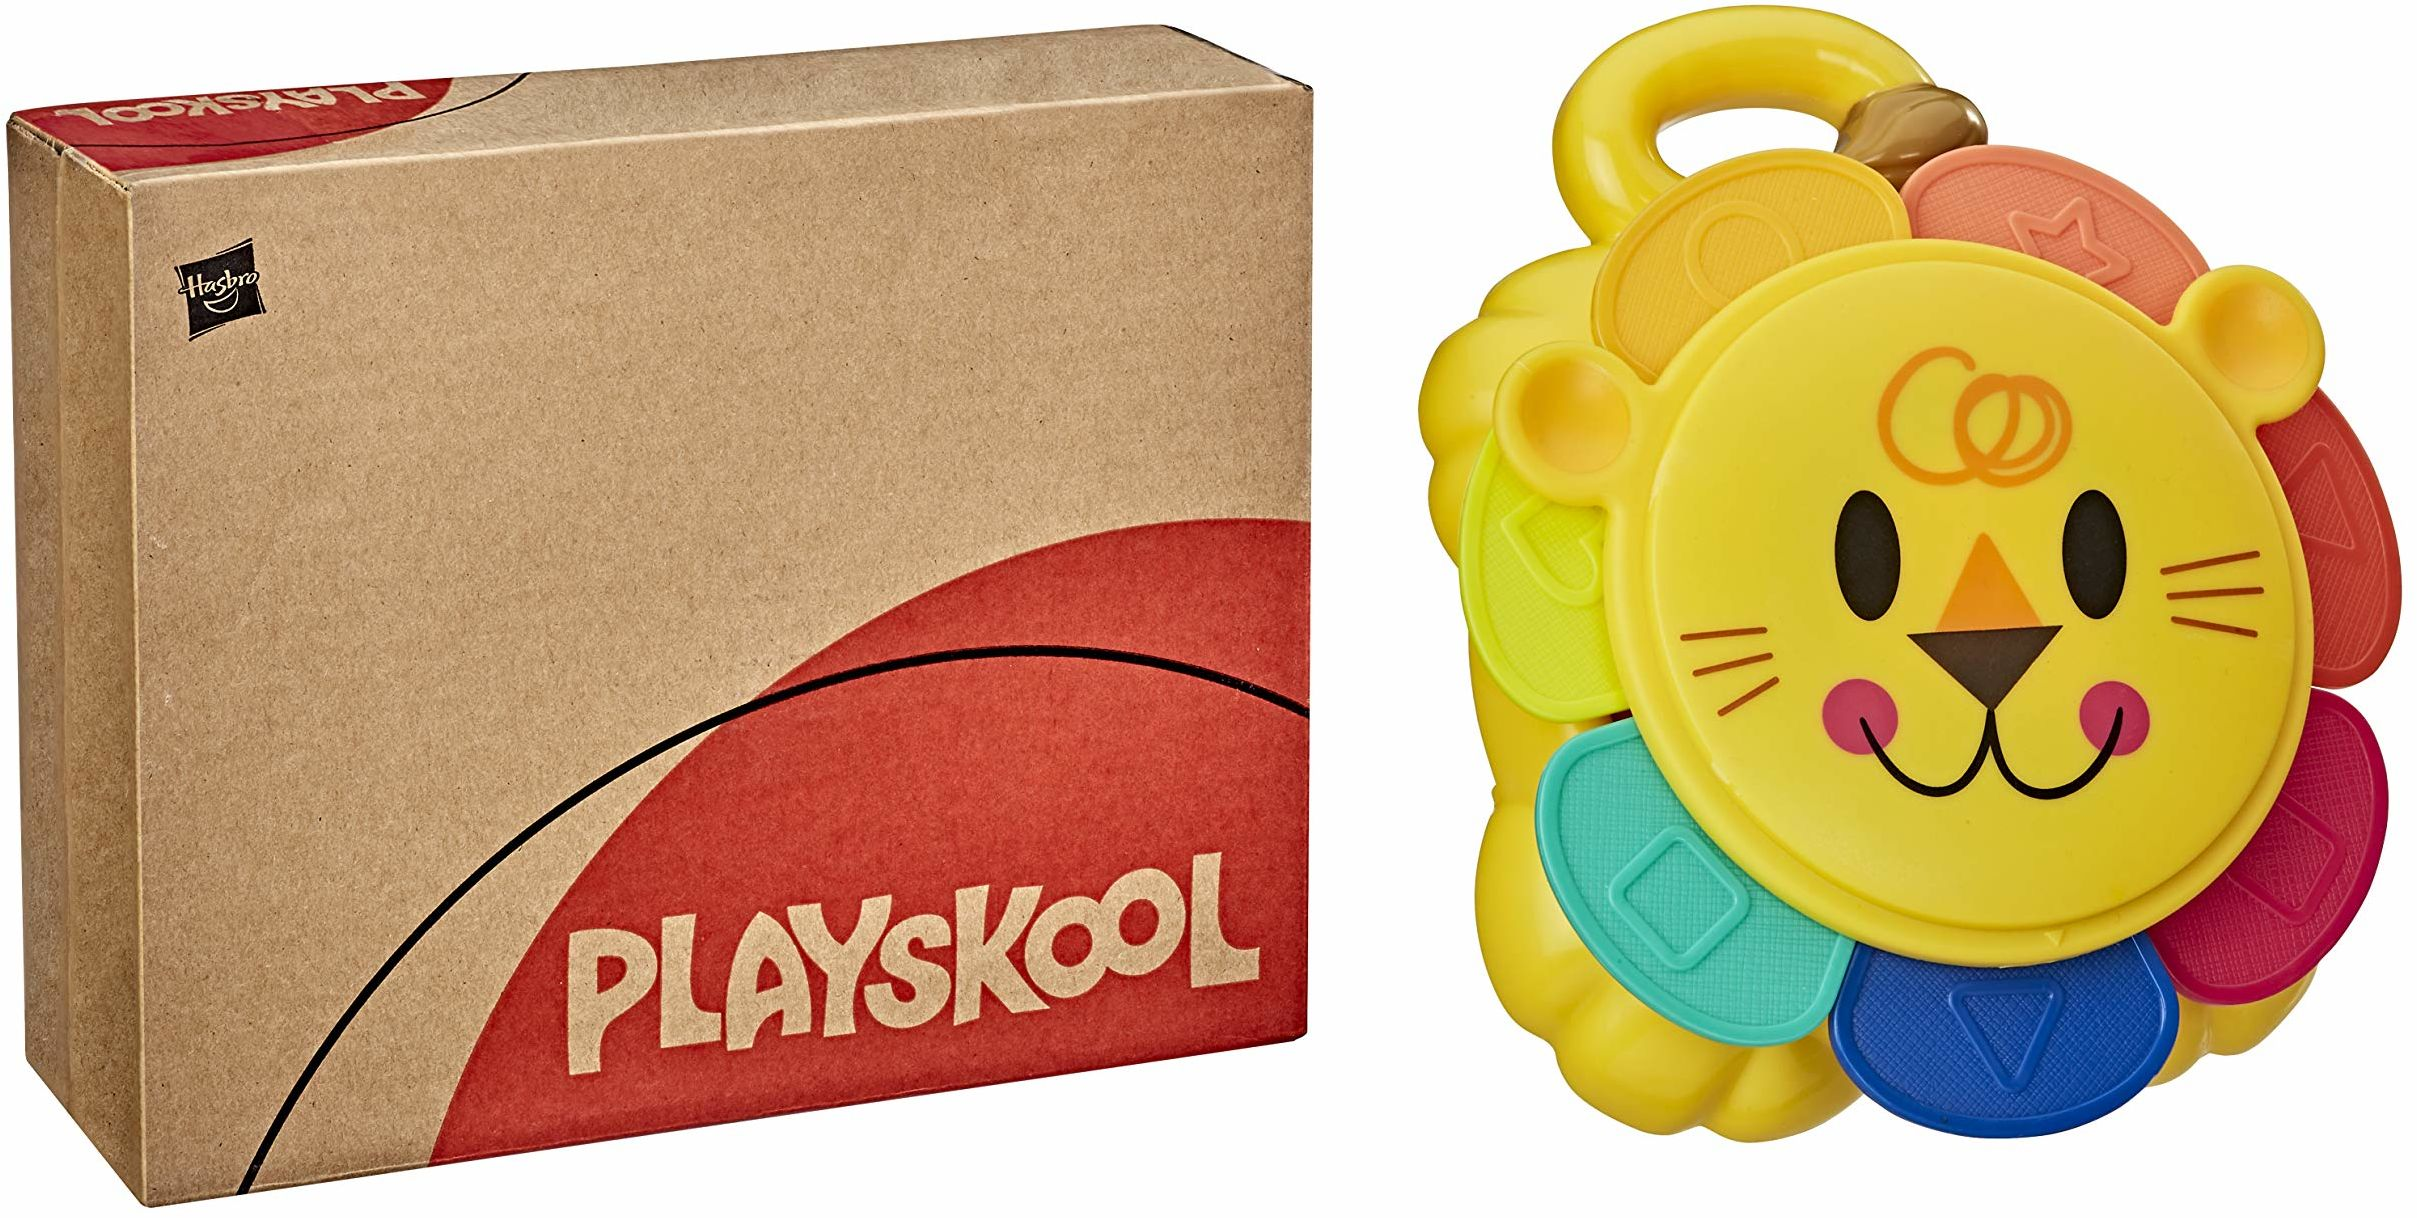 Playskool Zabawa do układania w stos lw, zabawka dla niemowląt i małych dzieci od 9 miesięcy z 7 częściami, łatwe przechowywanie (Amazon Exclusive)